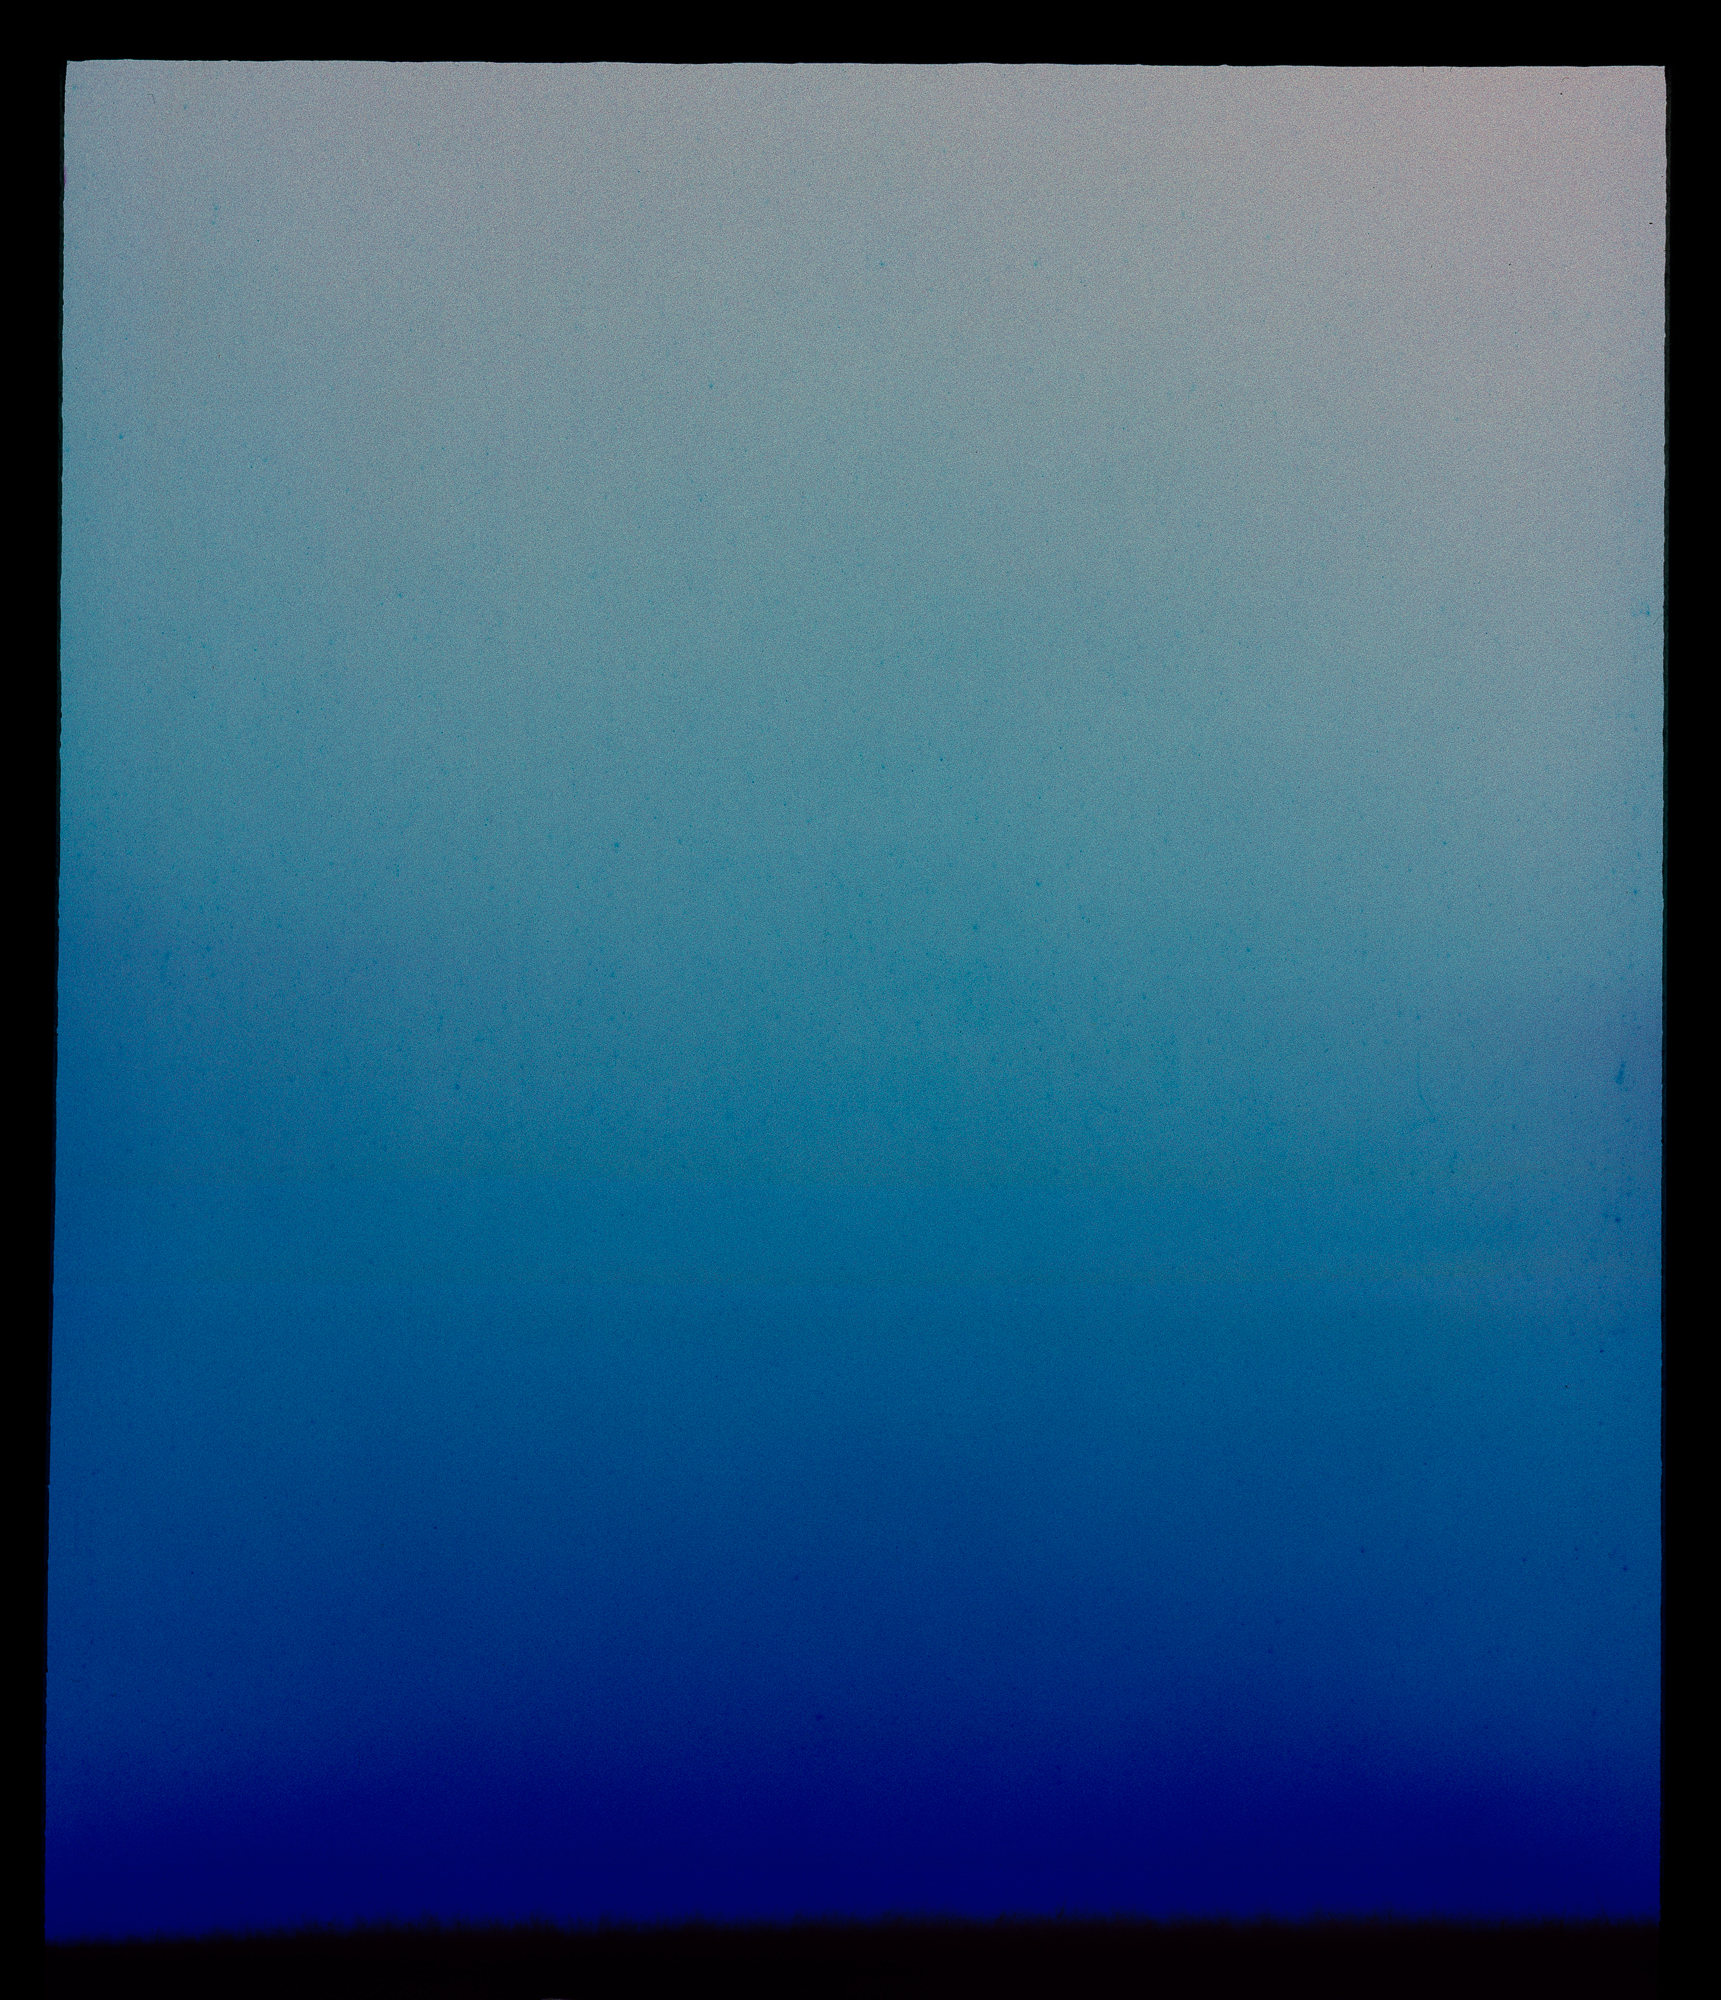 Cameraless | Max Glatzhofer